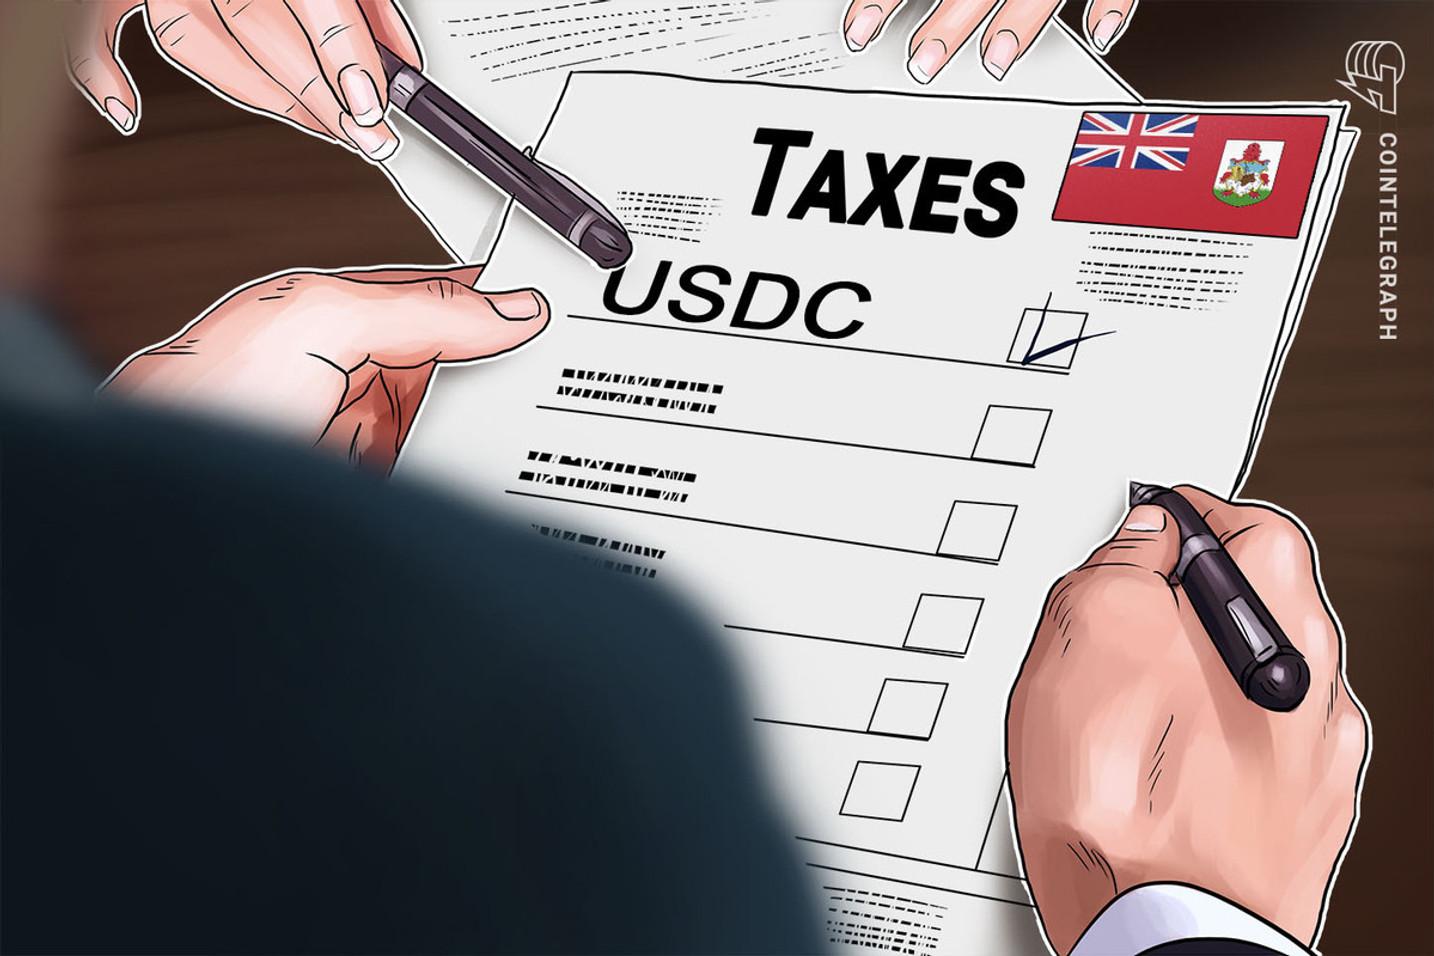 Bermudas se convierte en el primer gobierno en aceptar pagos de impuestos en la stablecoin USDC